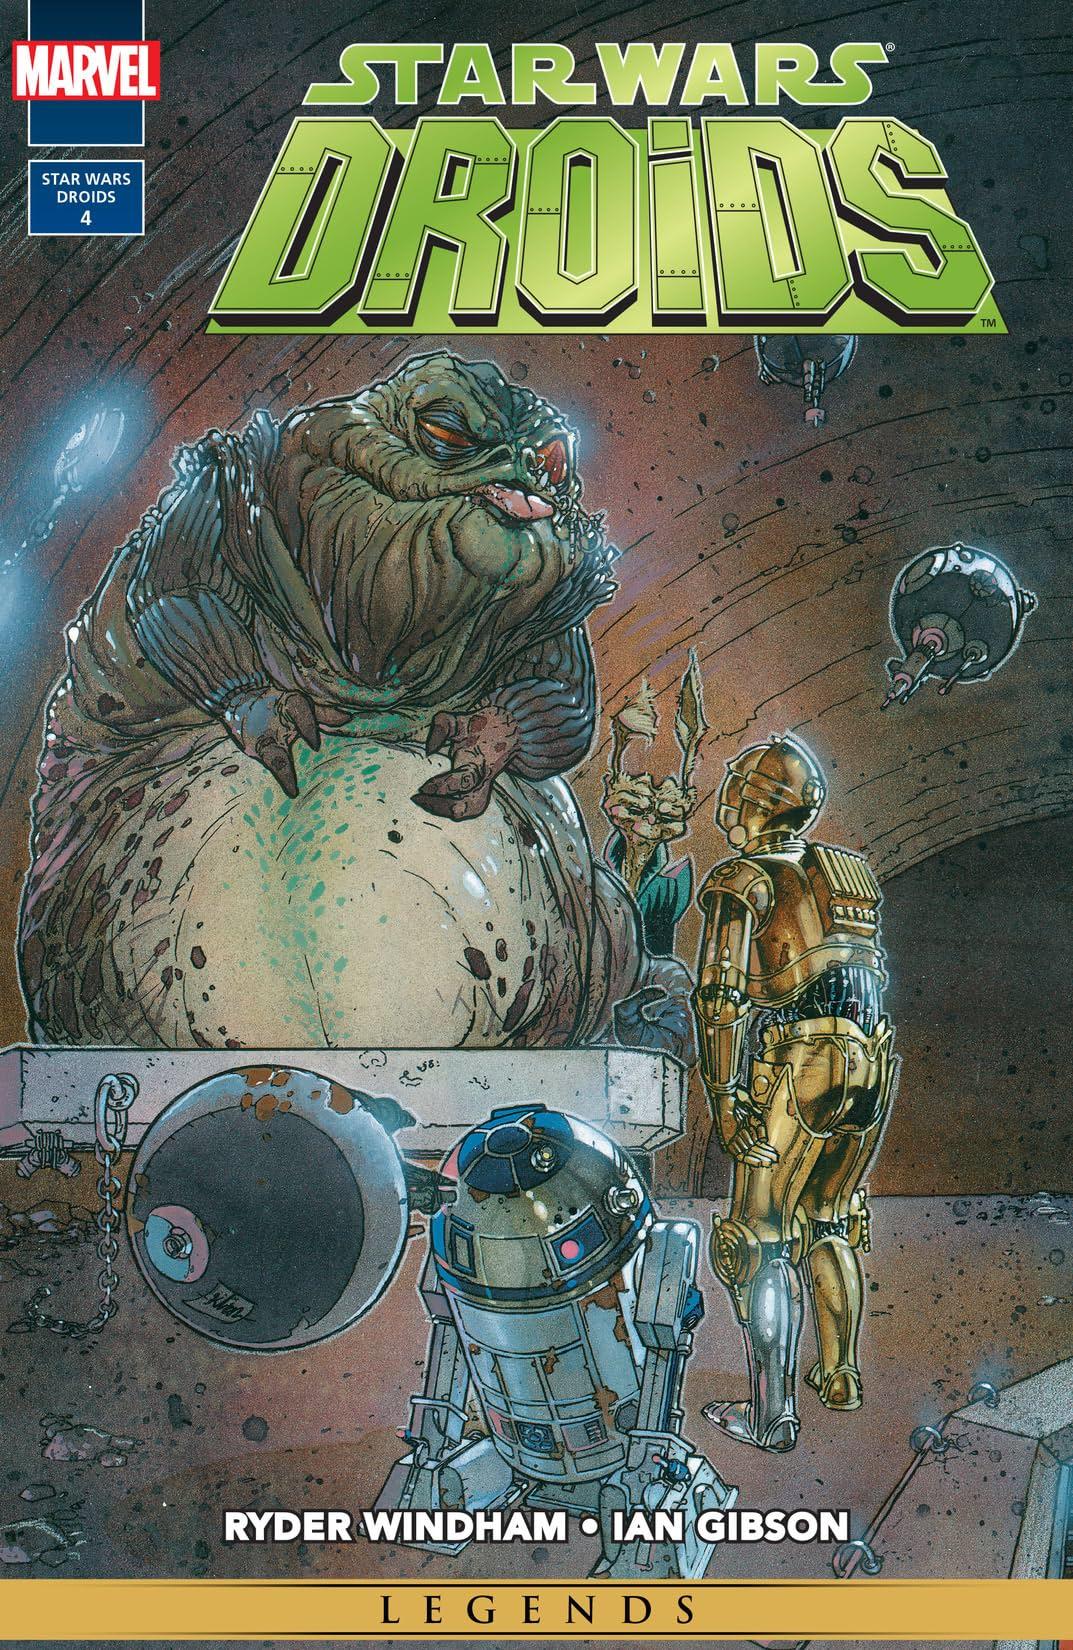 Star Wars: Droids (1995) #4